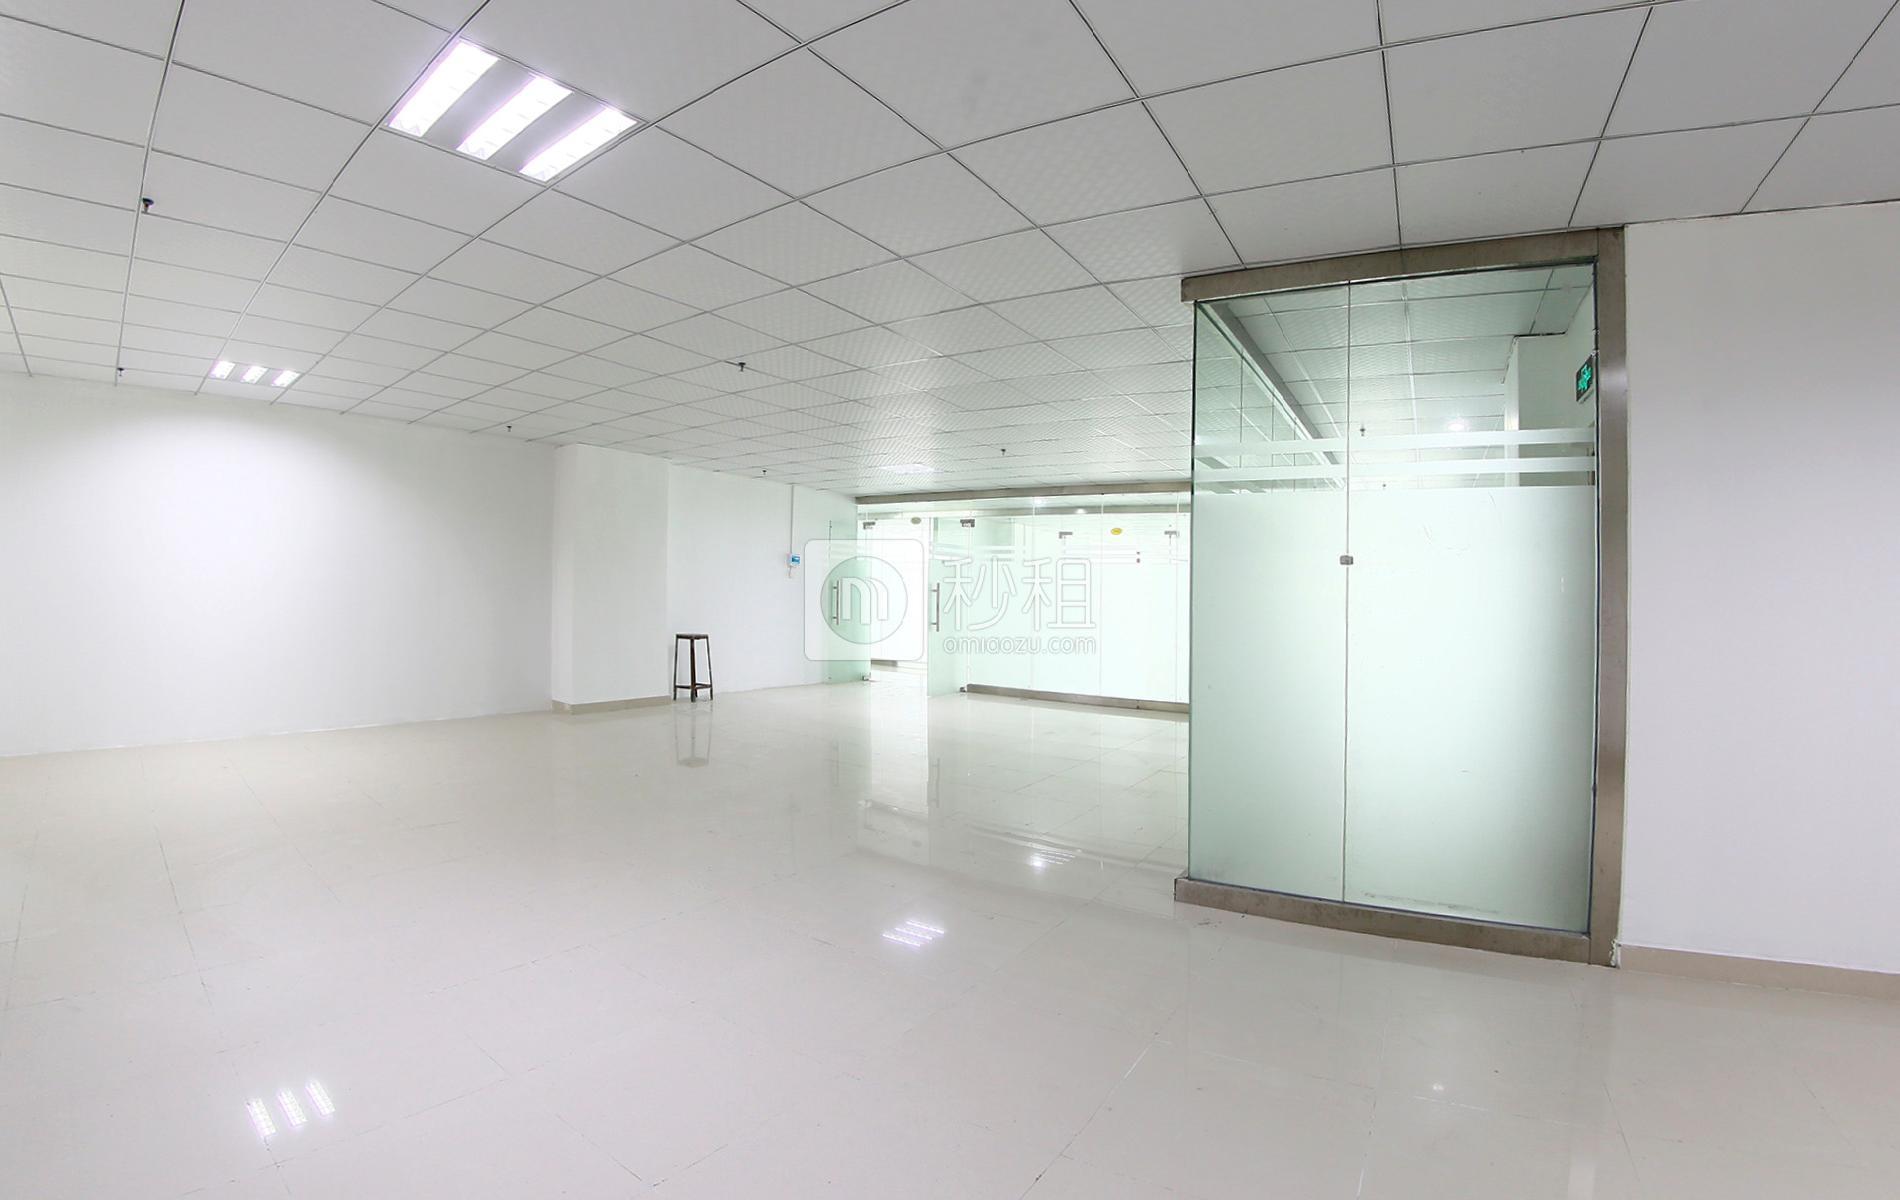 金威大厦(龙华)写字楼出租170平米简装办公室35元/m².月